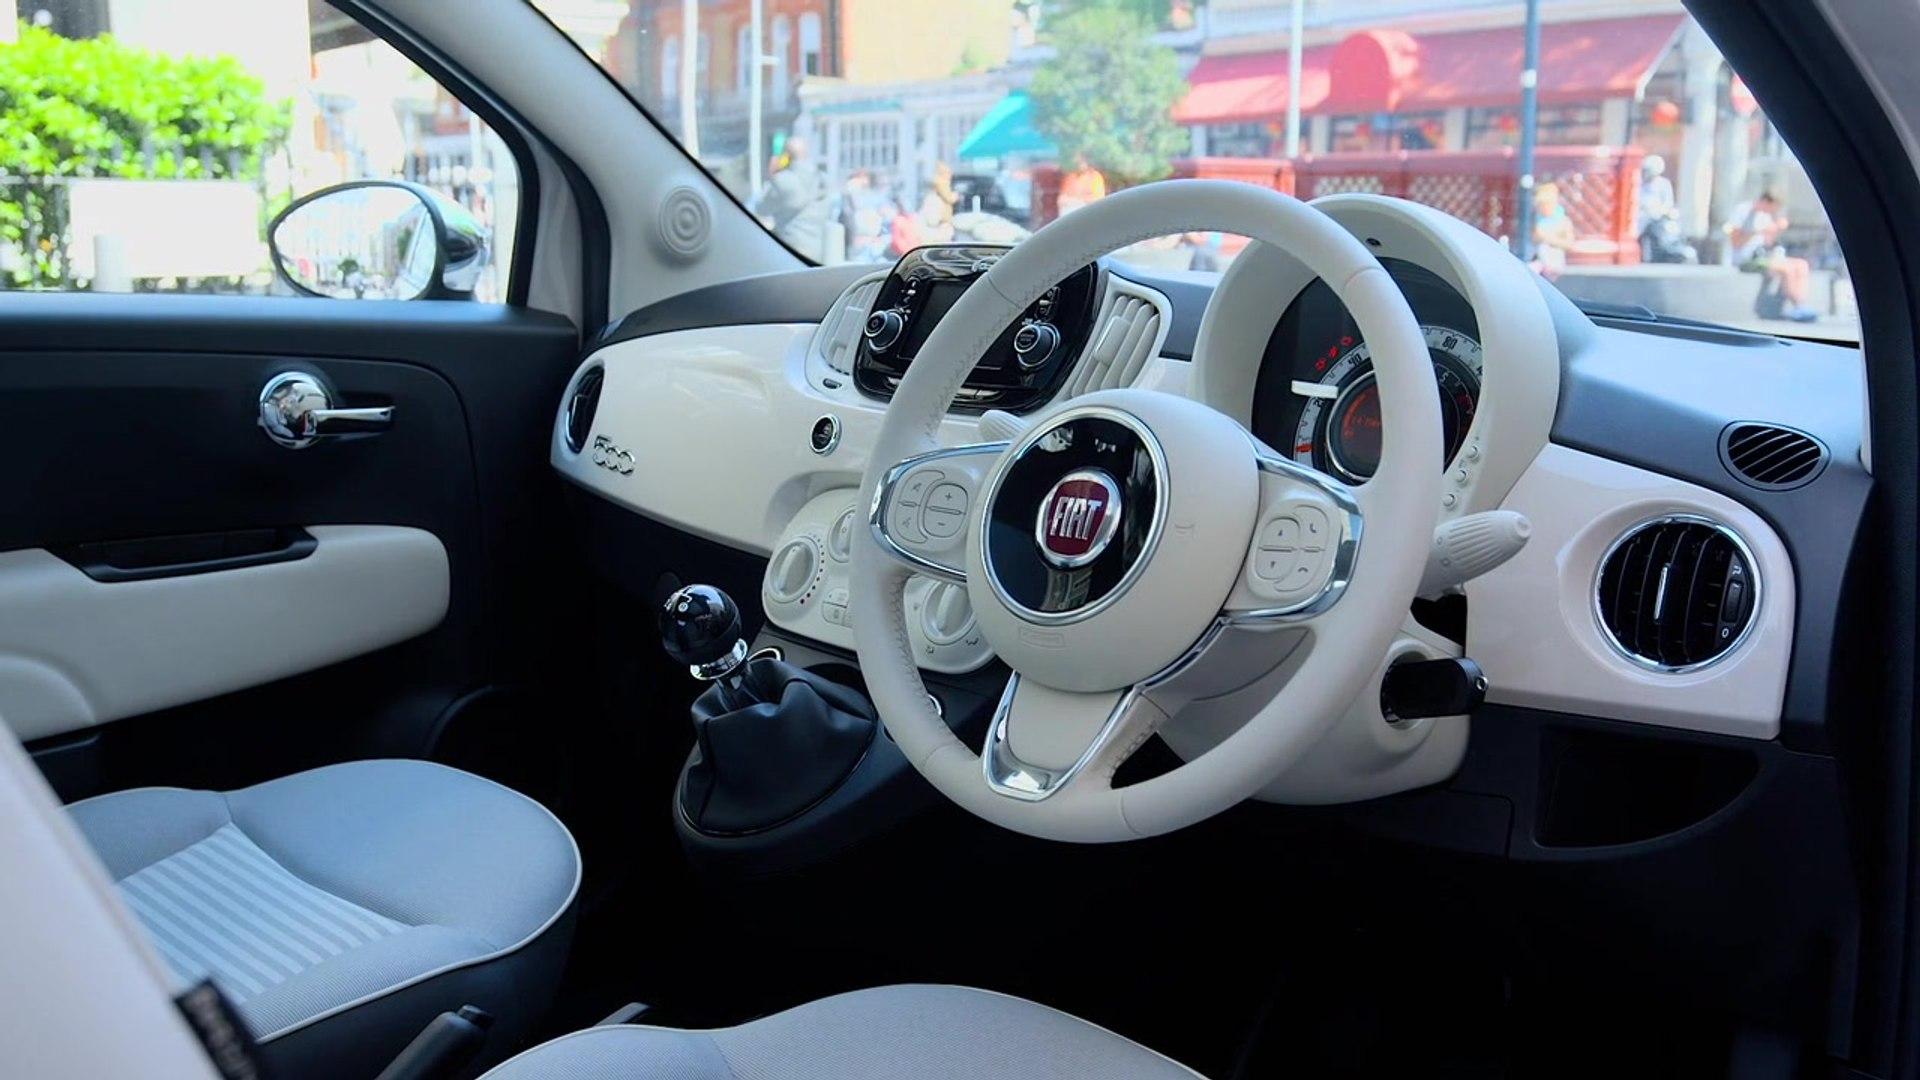 Spiksplinternieuw Fiat 500 Collezione Interior Design - video dailymotion GI-01